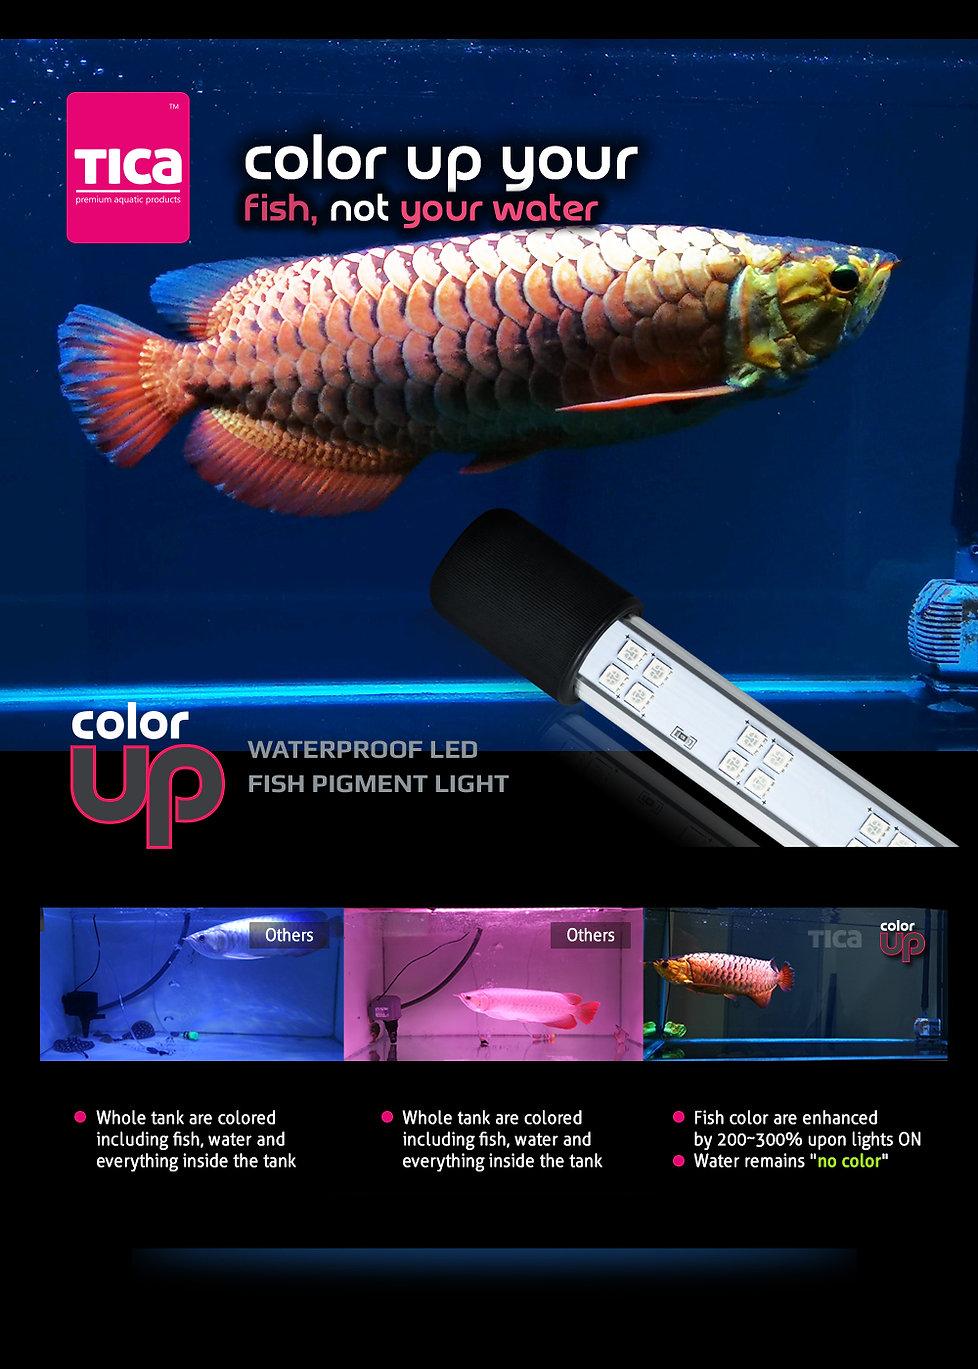 ColorUP_3-comparison_1000x1400.jpg